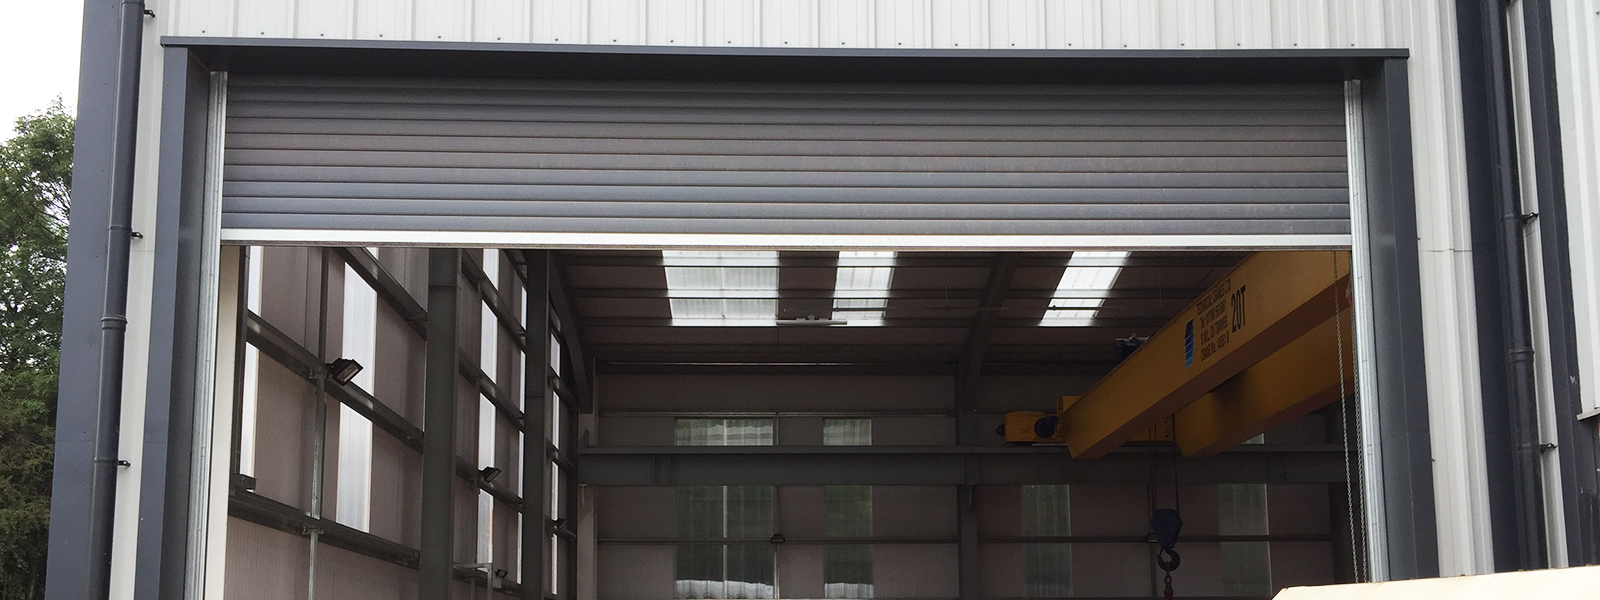 Roller shutter repairs sheffield hat roller shutters for Roller shutter motor repair